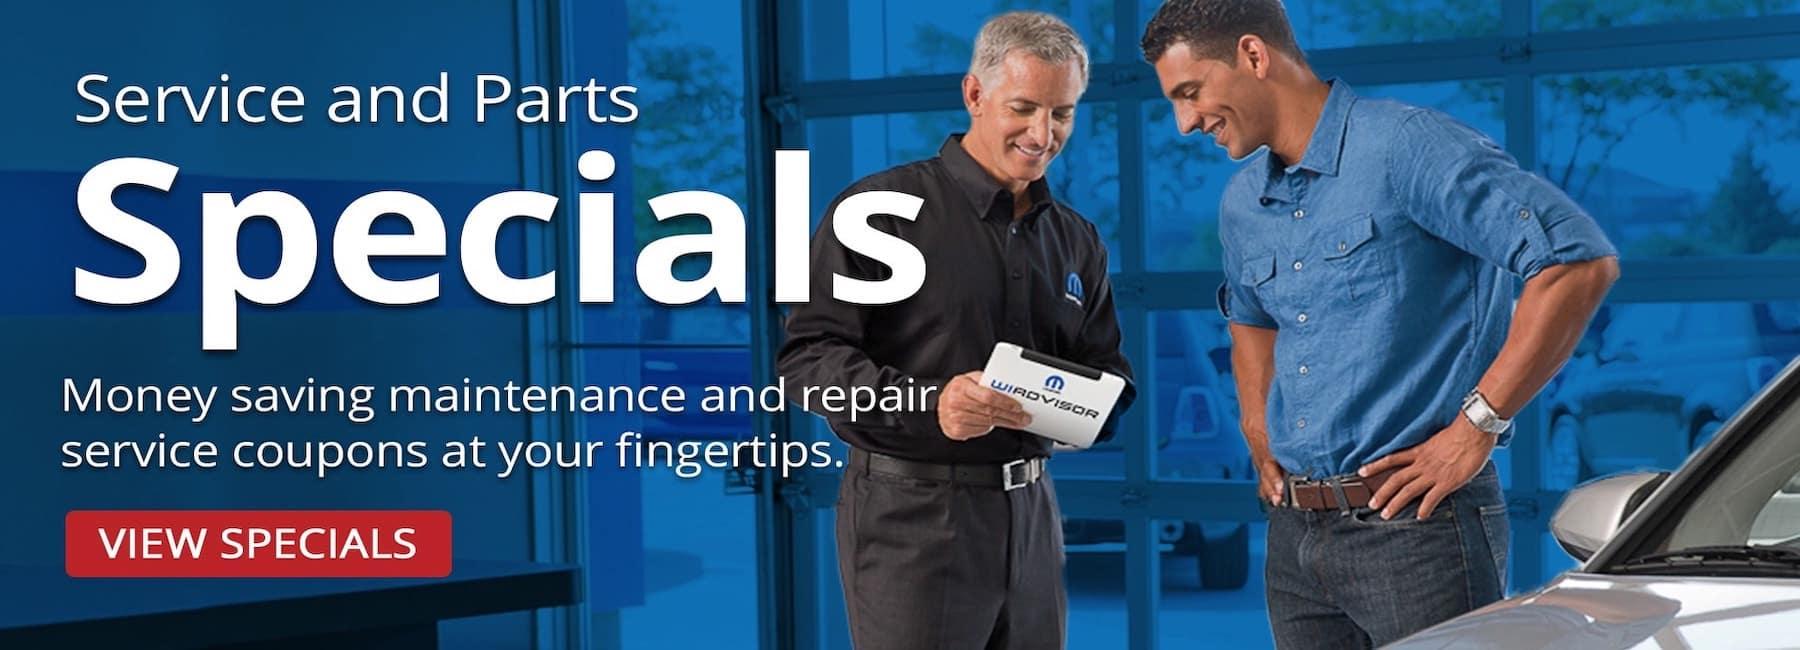 CDJR Service & Parts Specials